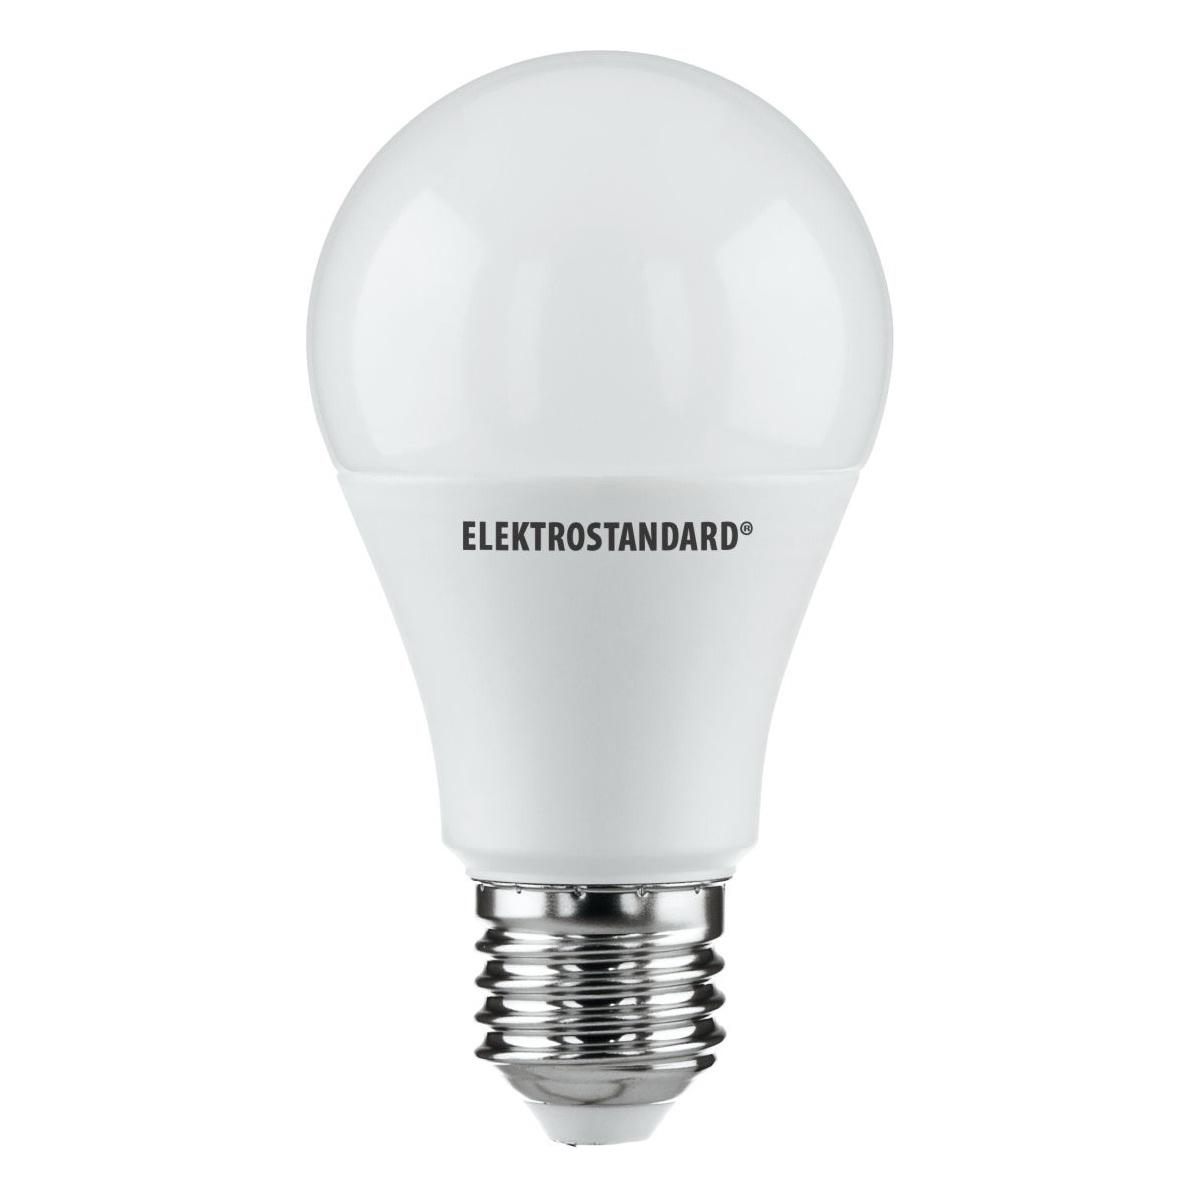 Лампочка Elektrostandard светодиодная Classic LED D 17W 6500K E27, Холодный свет 17 Вт, Светодиодная лампы светодиодная elektrostandard classic led d 7w 4200k e27